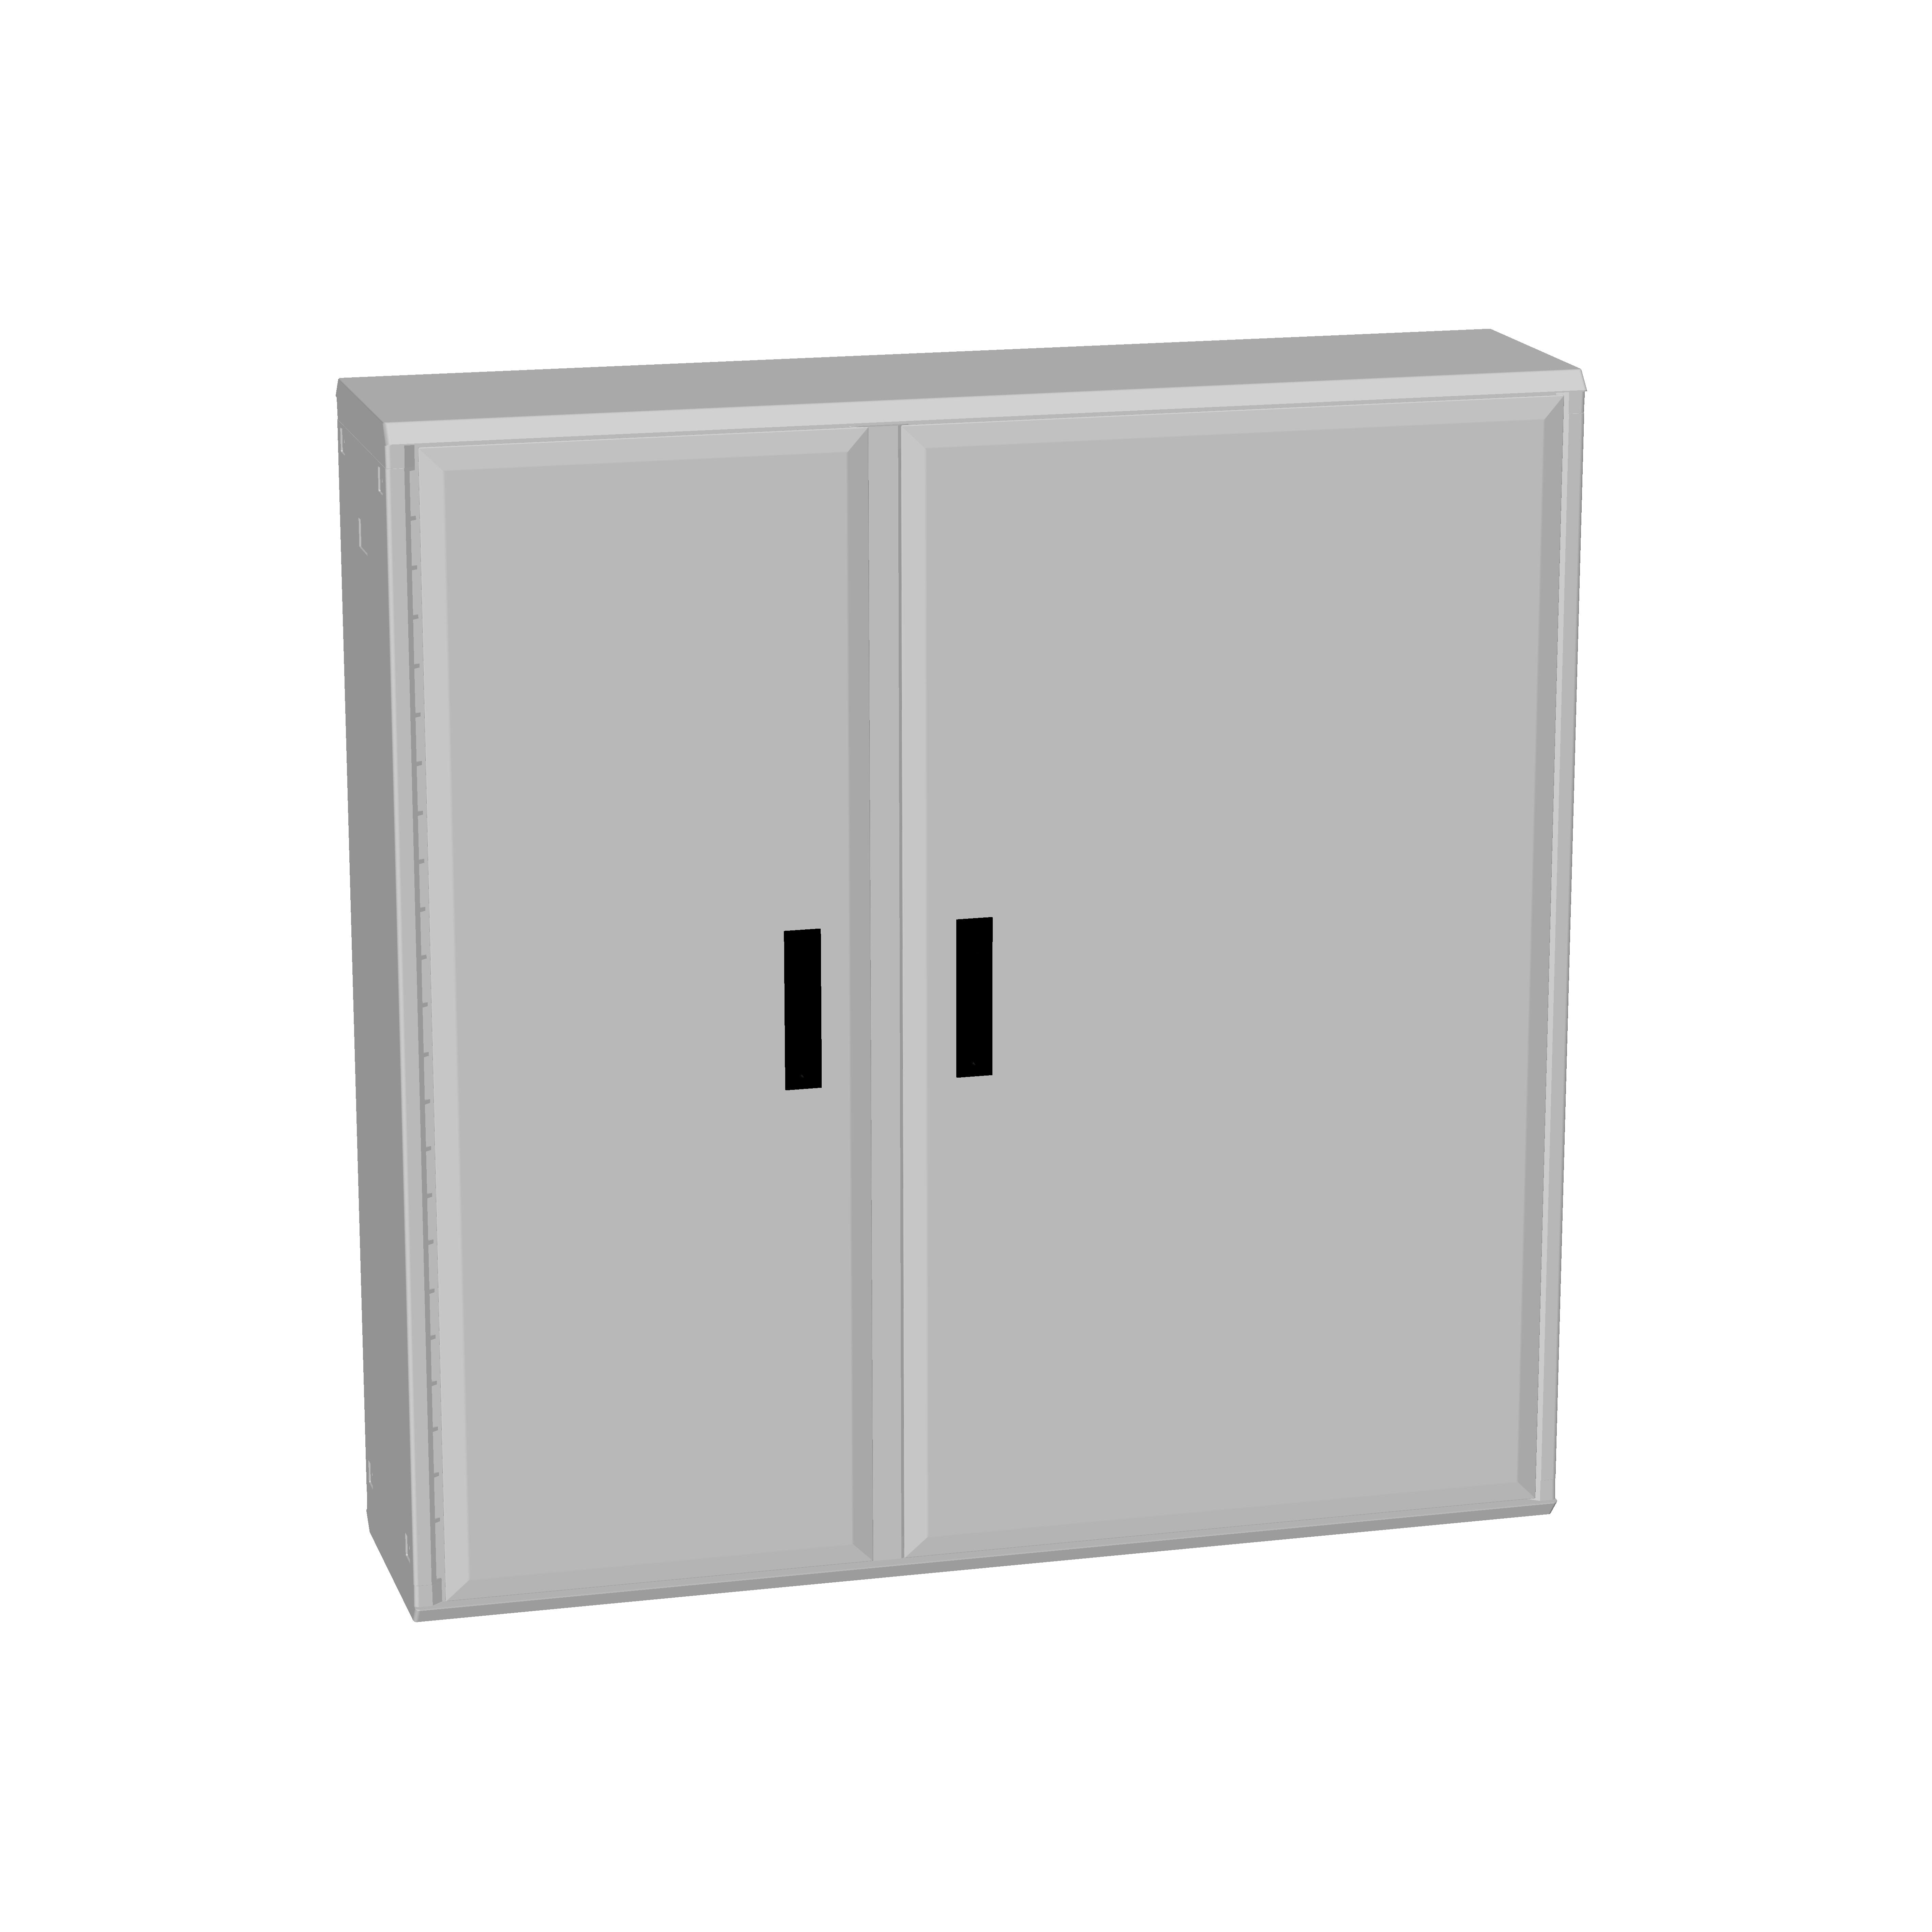 1 Stk Polyesterschrank, zweitürig assymetrisch, 1250x1250x312 POCC5535--